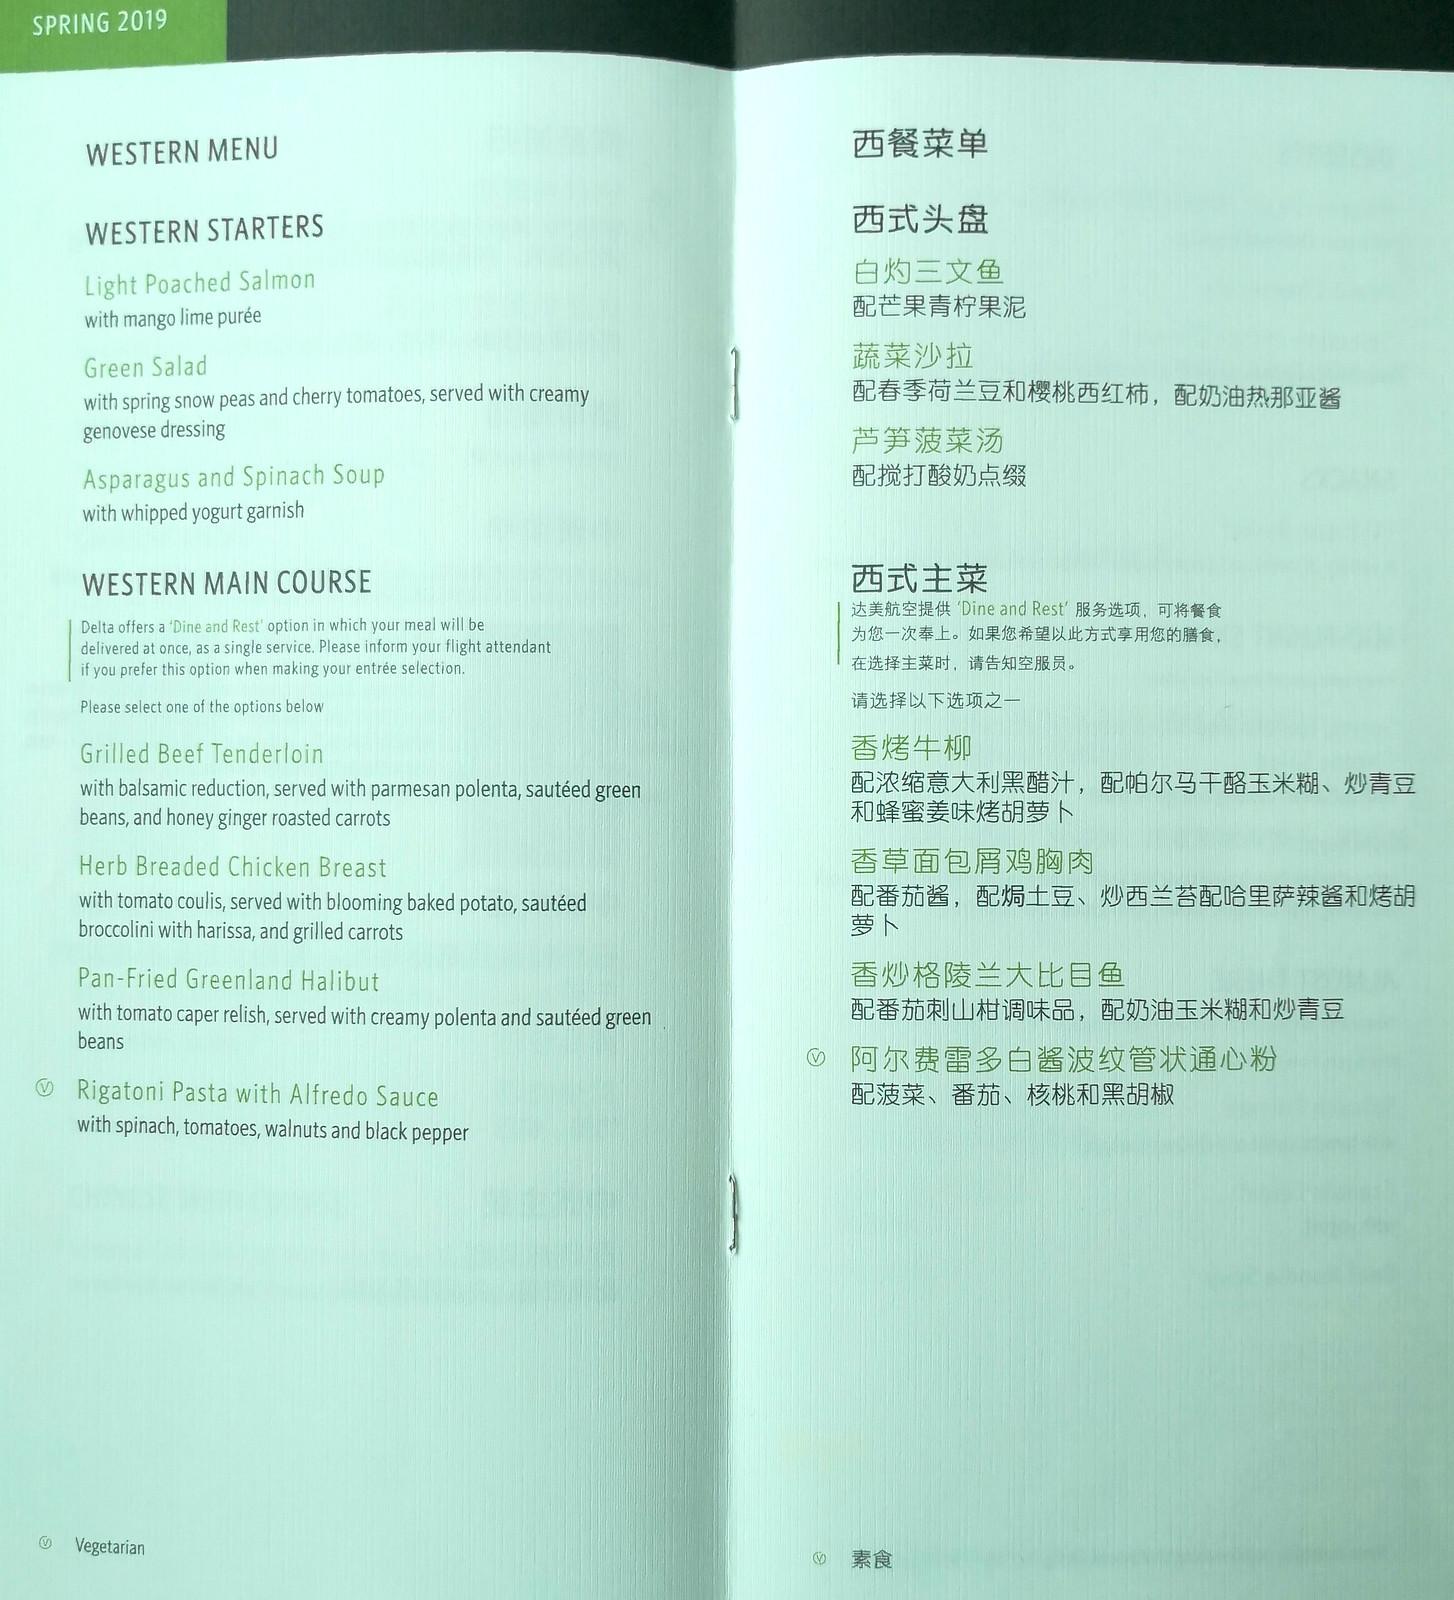 Western menu